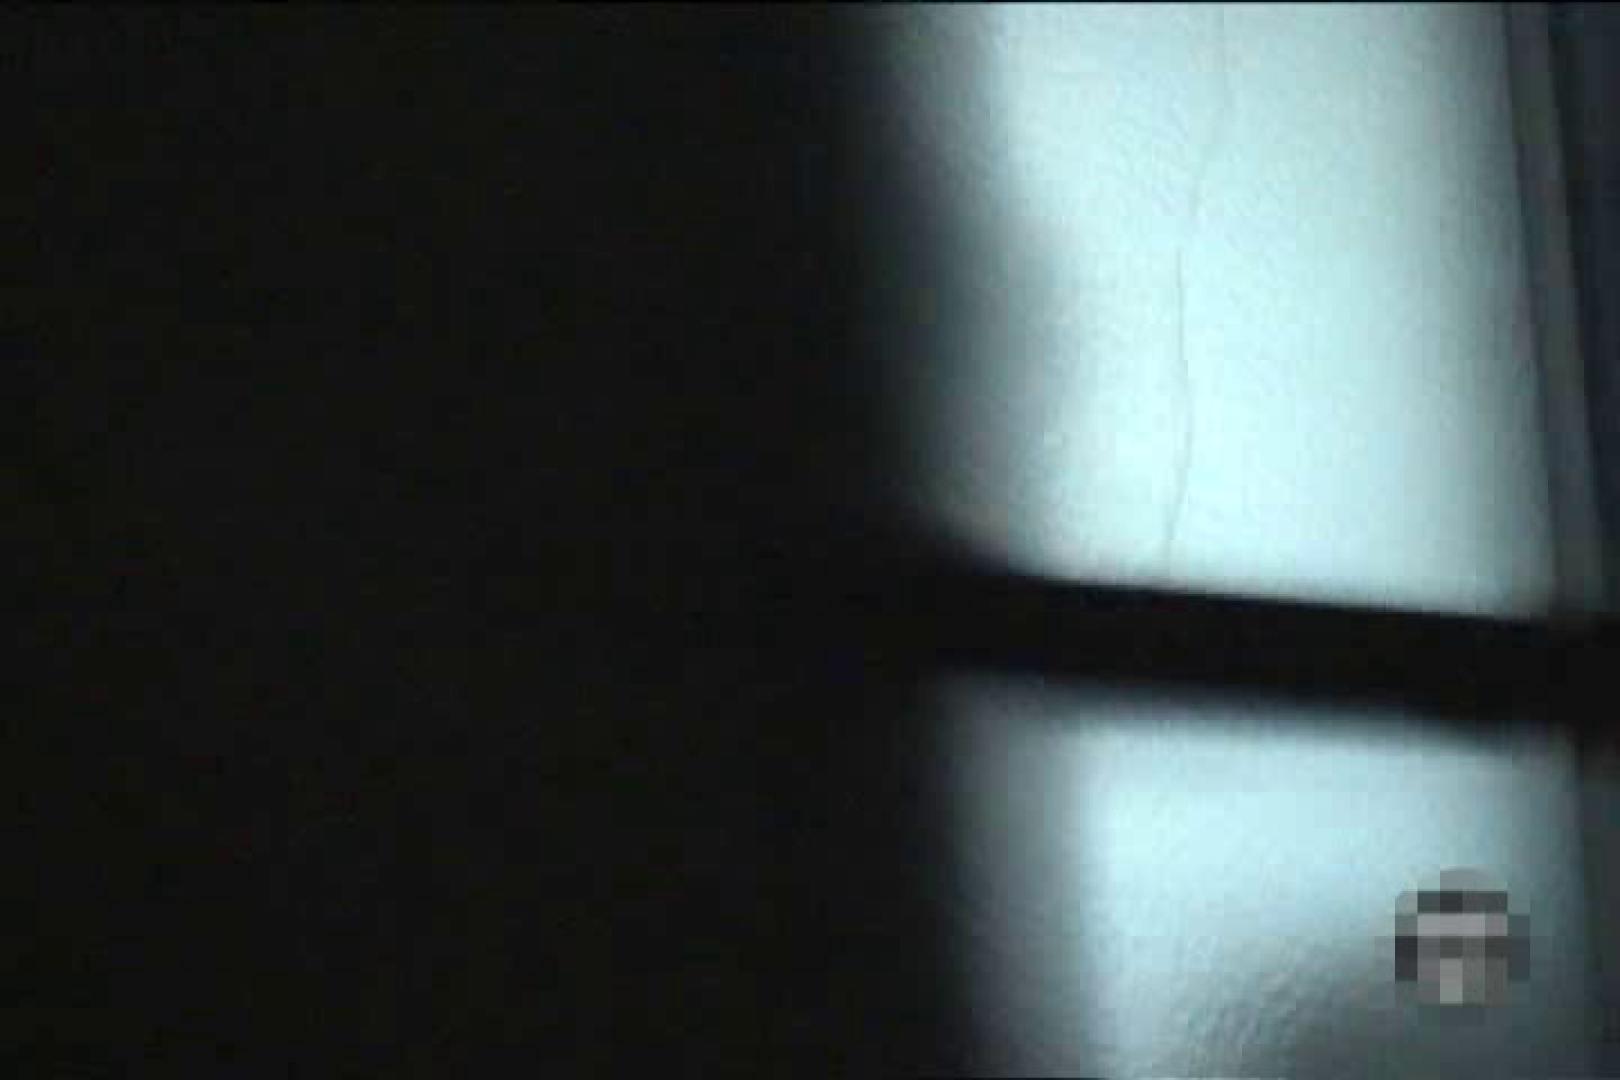 暗躍する夜這い師達Vol.7 OLの実態  89pic 46